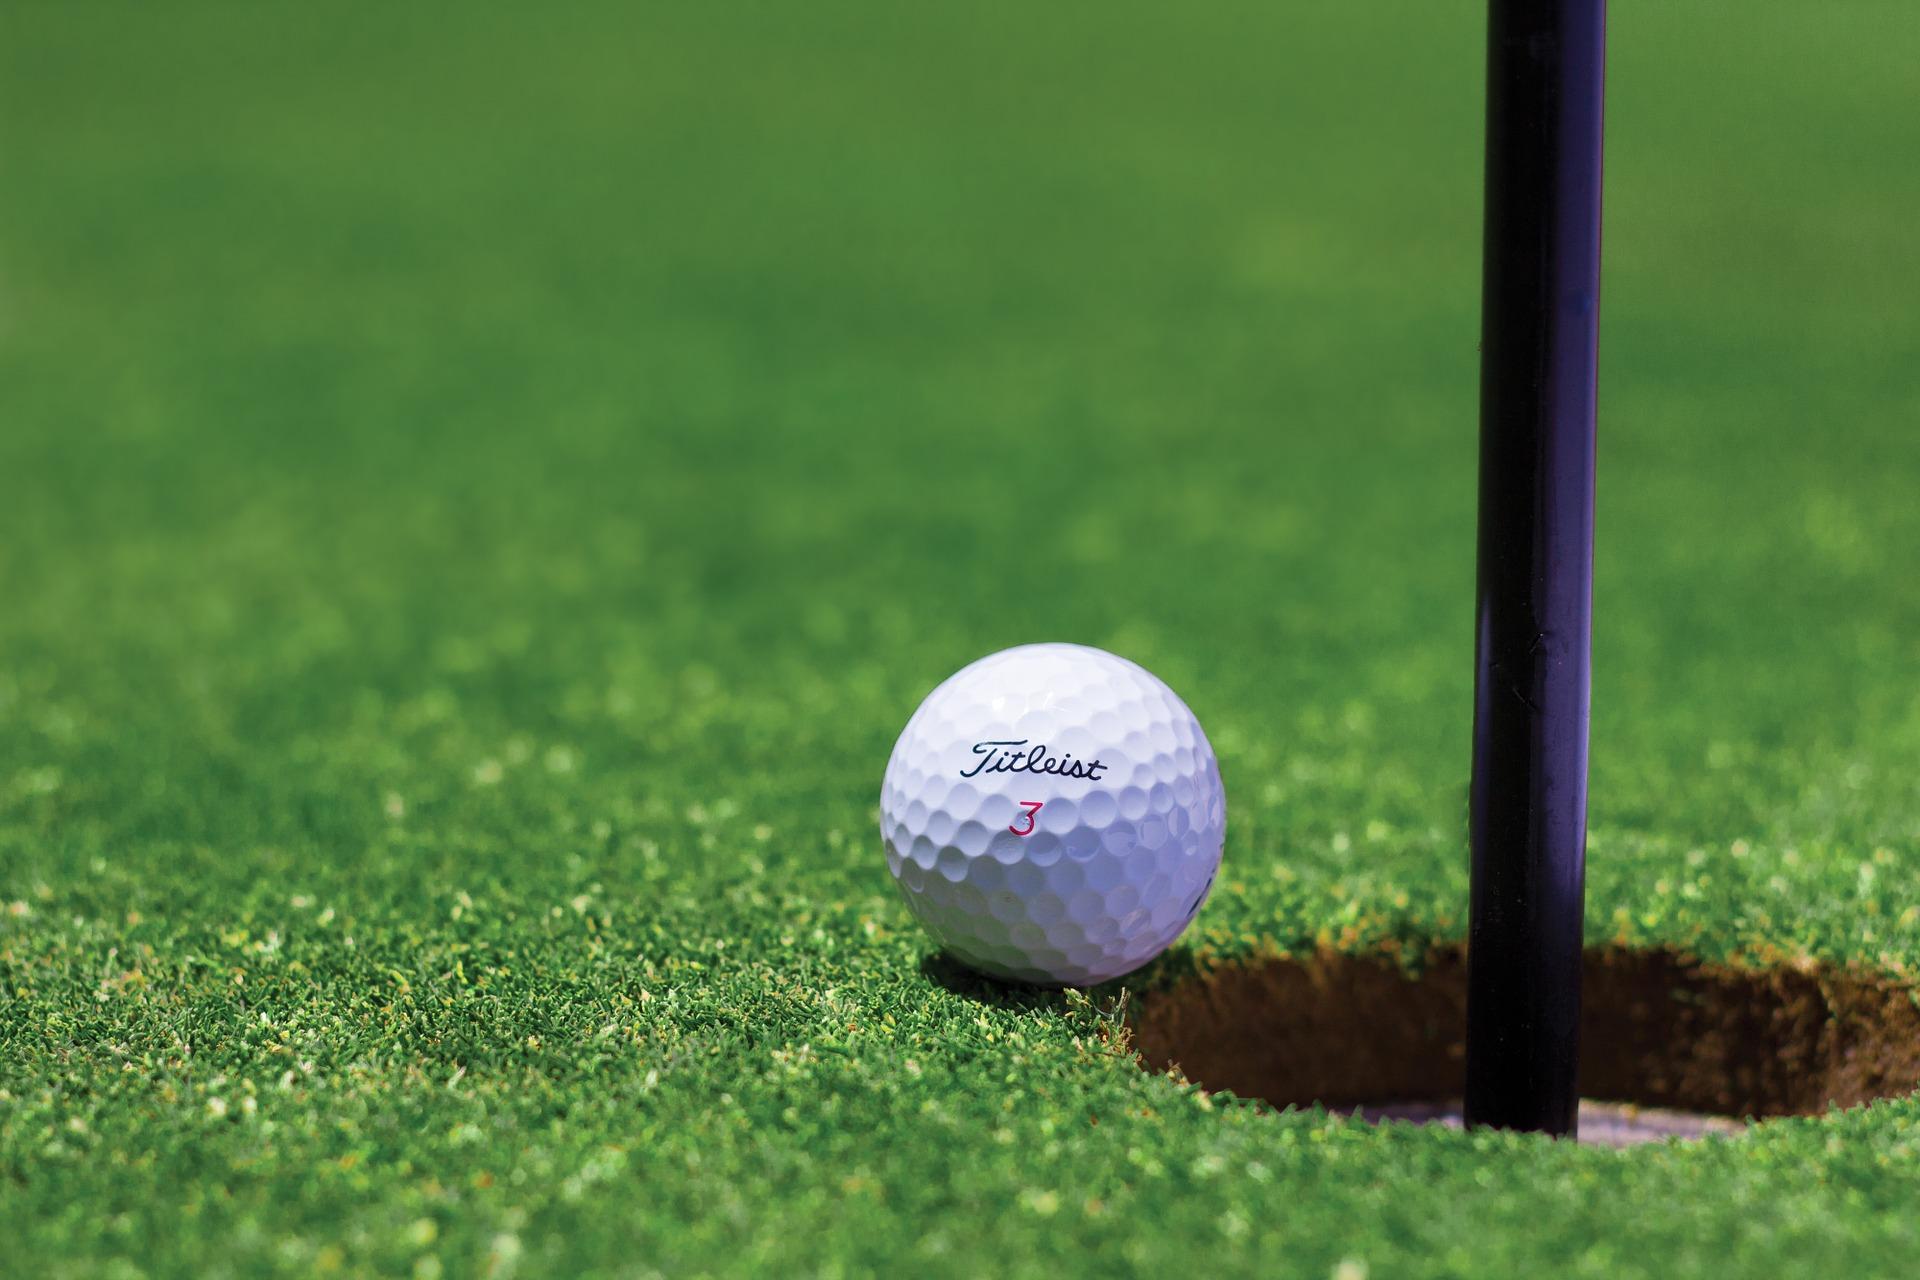 Die Golfsaison beginnt – bist Du gerüstet?